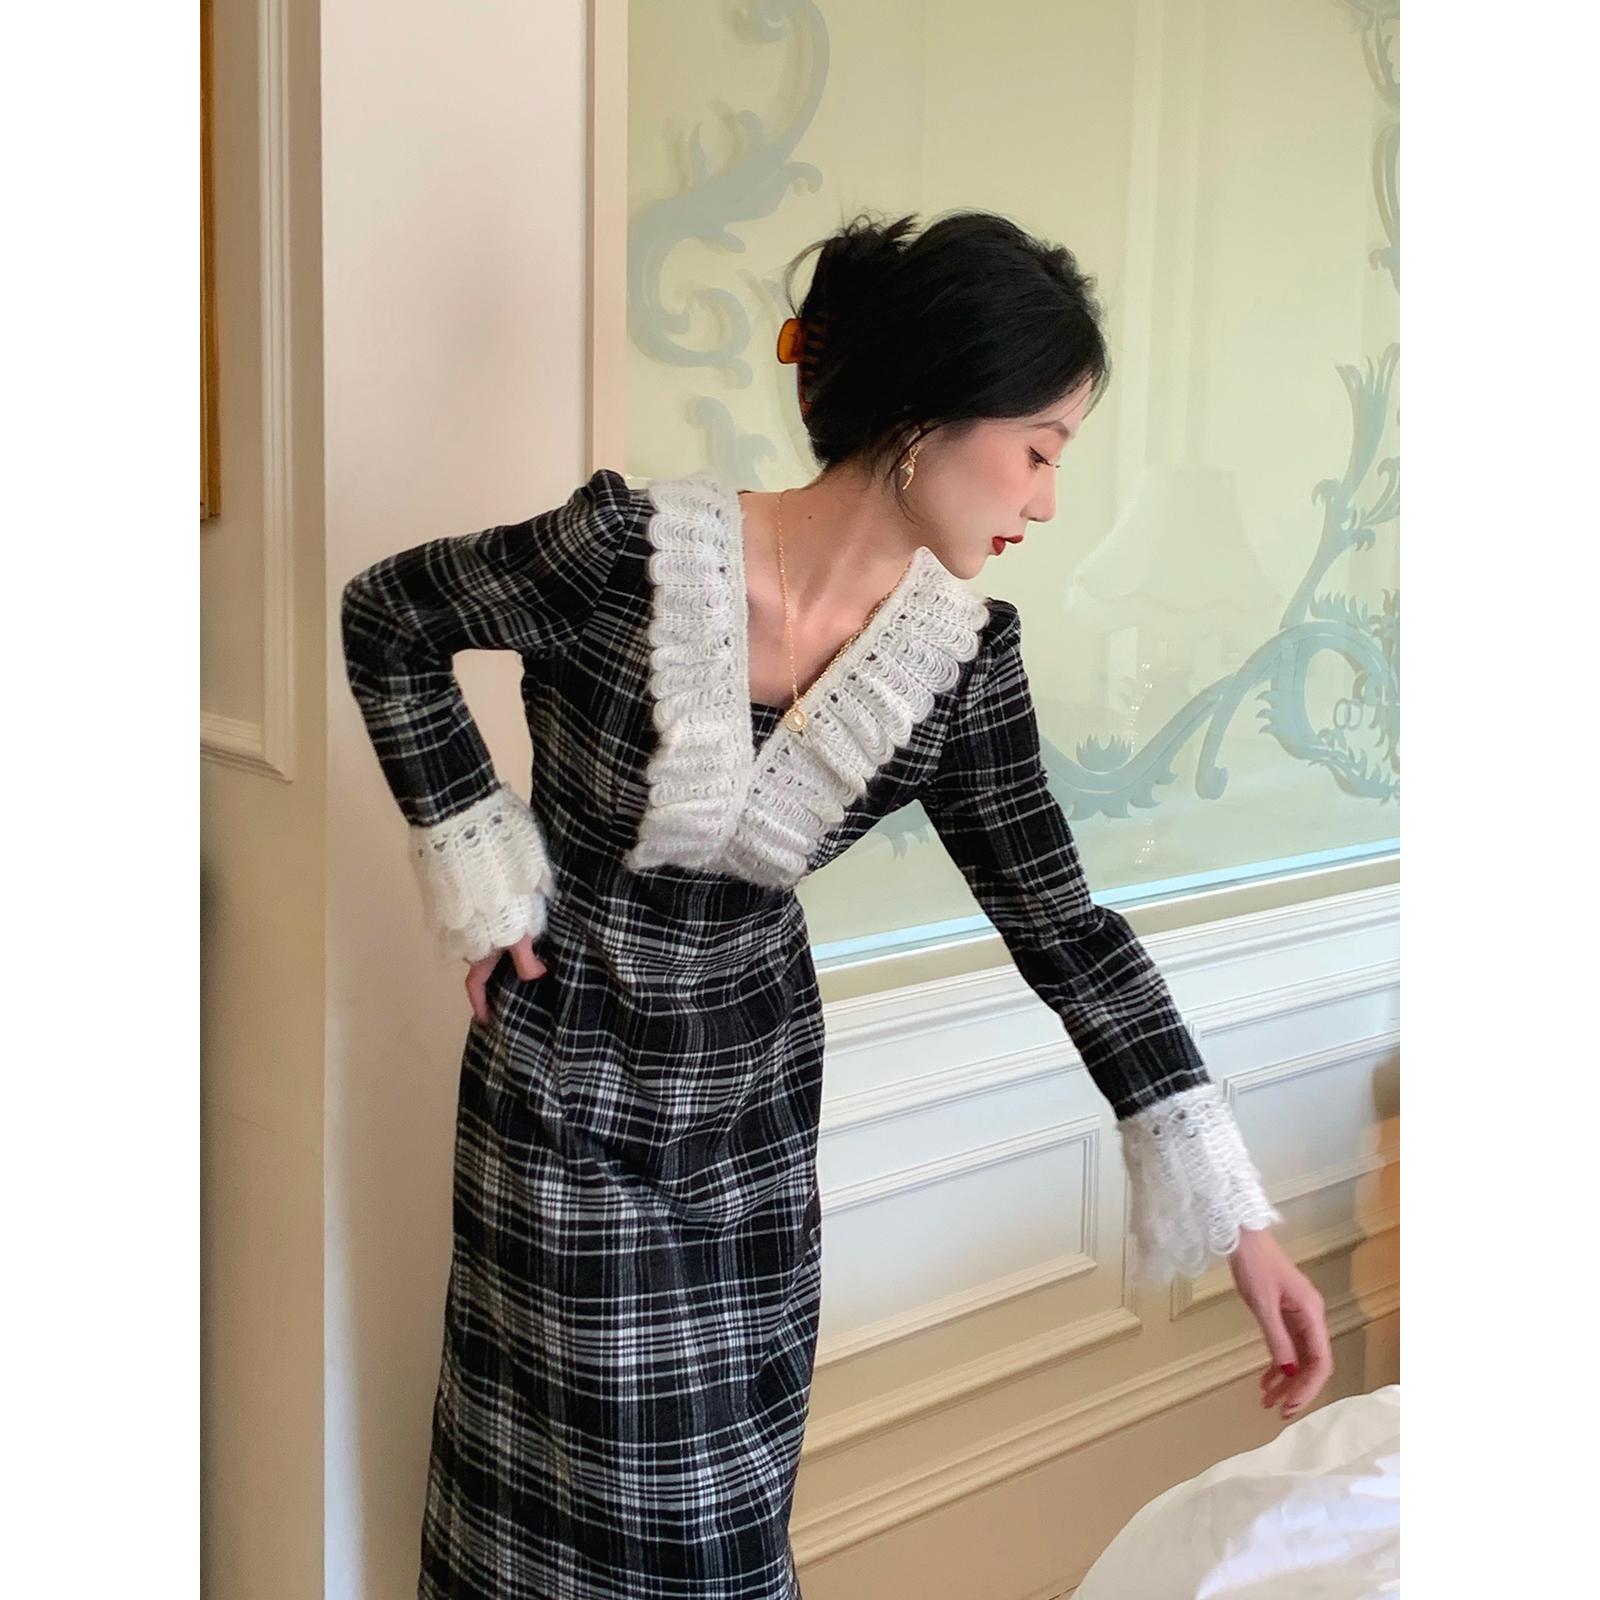 鹭青一毛织蕾丝法式格子连衣裙女2020秋冬新款复古气质中长款裙子